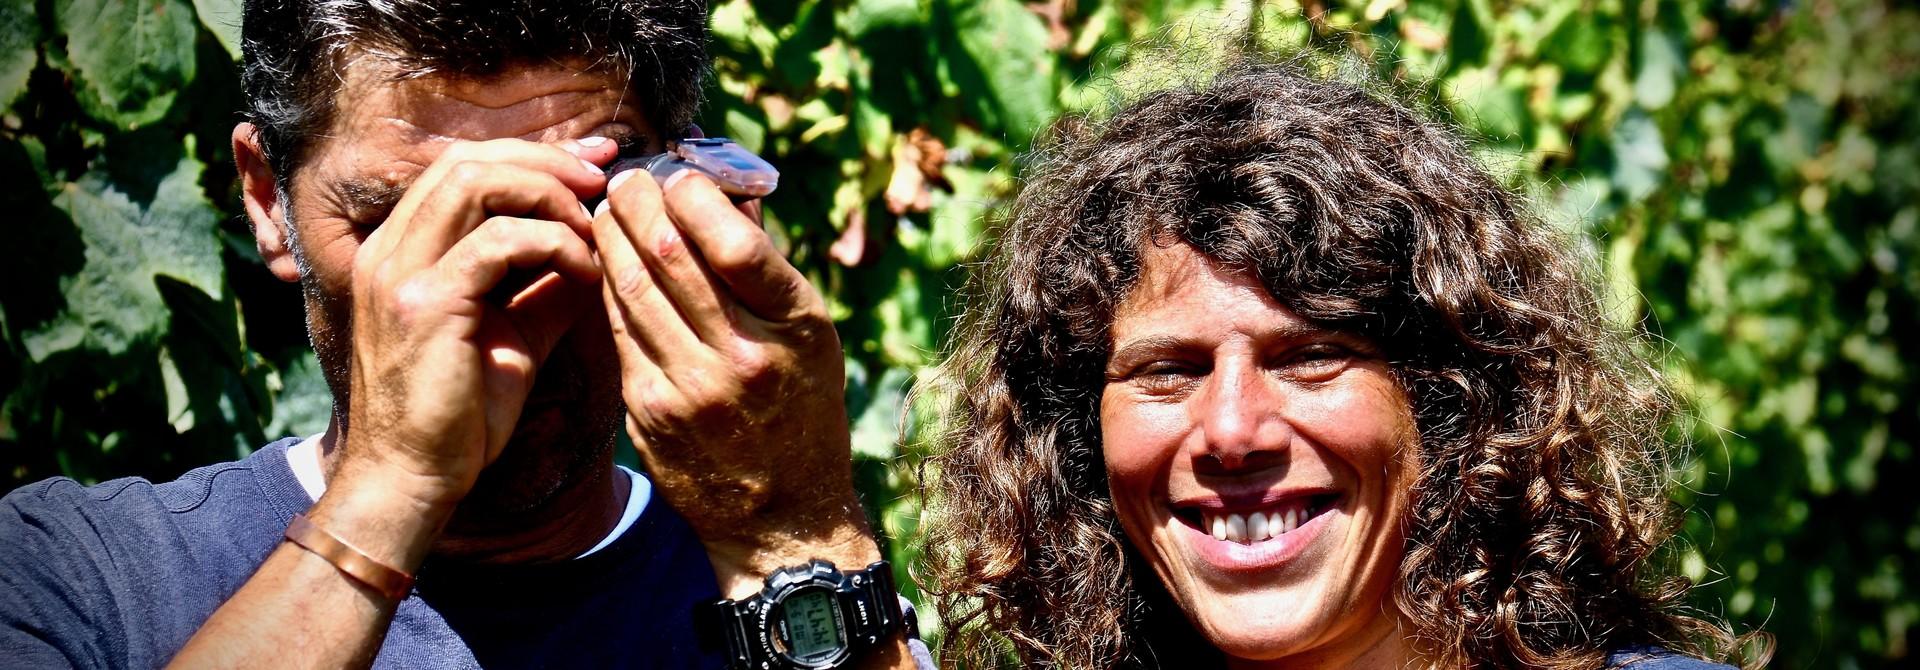 Elian Da Ros, eigenzinnige wijnmaker uit  de Côtes-du-Marmandais.